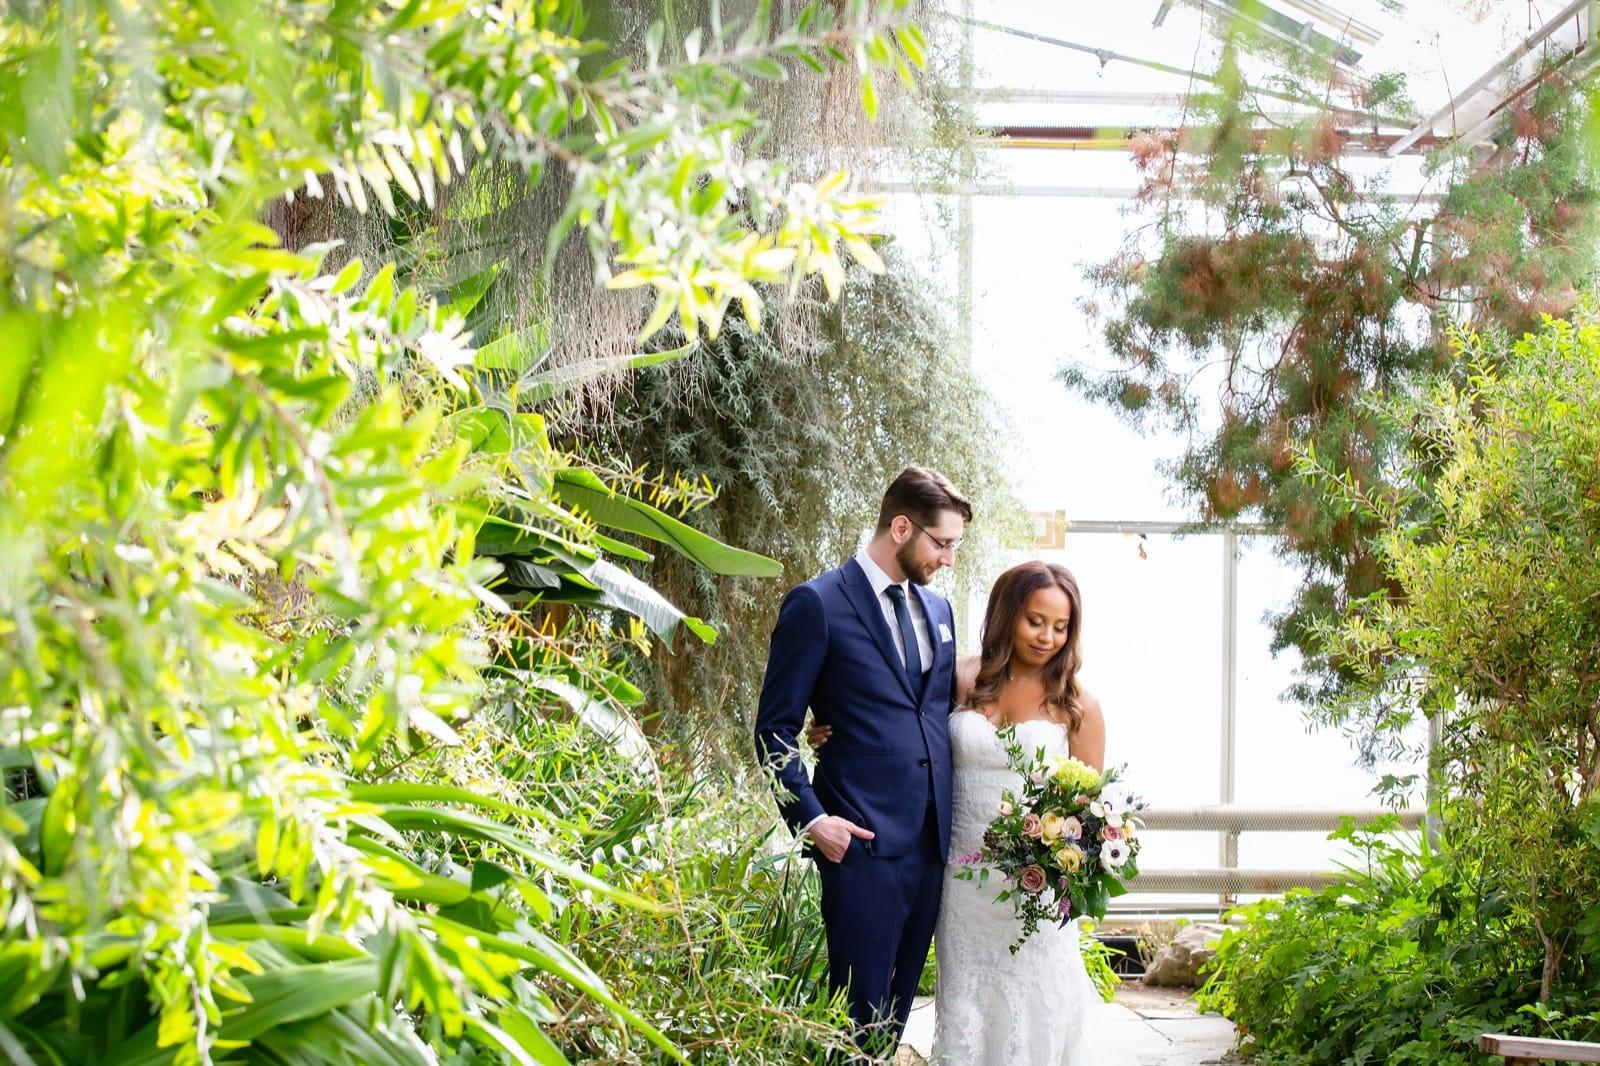 Hamilton Wedding Photography at Carmen's Banquet Centre